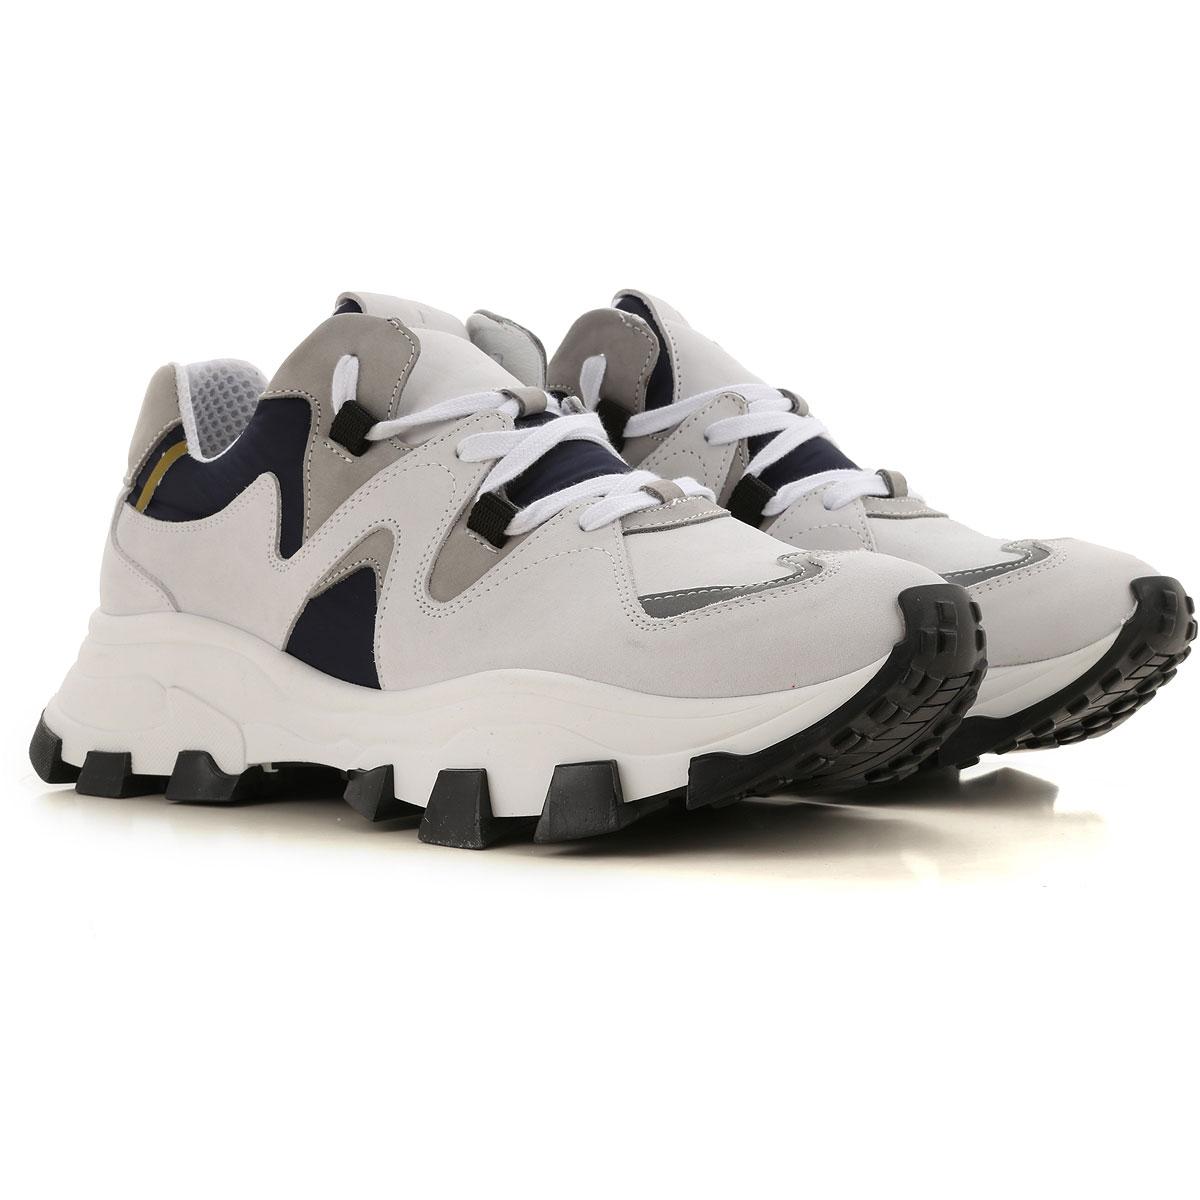 Cinzia Araia Sneaker Homme, Blanc, Cuir, 2019, 40 41 42 43 44